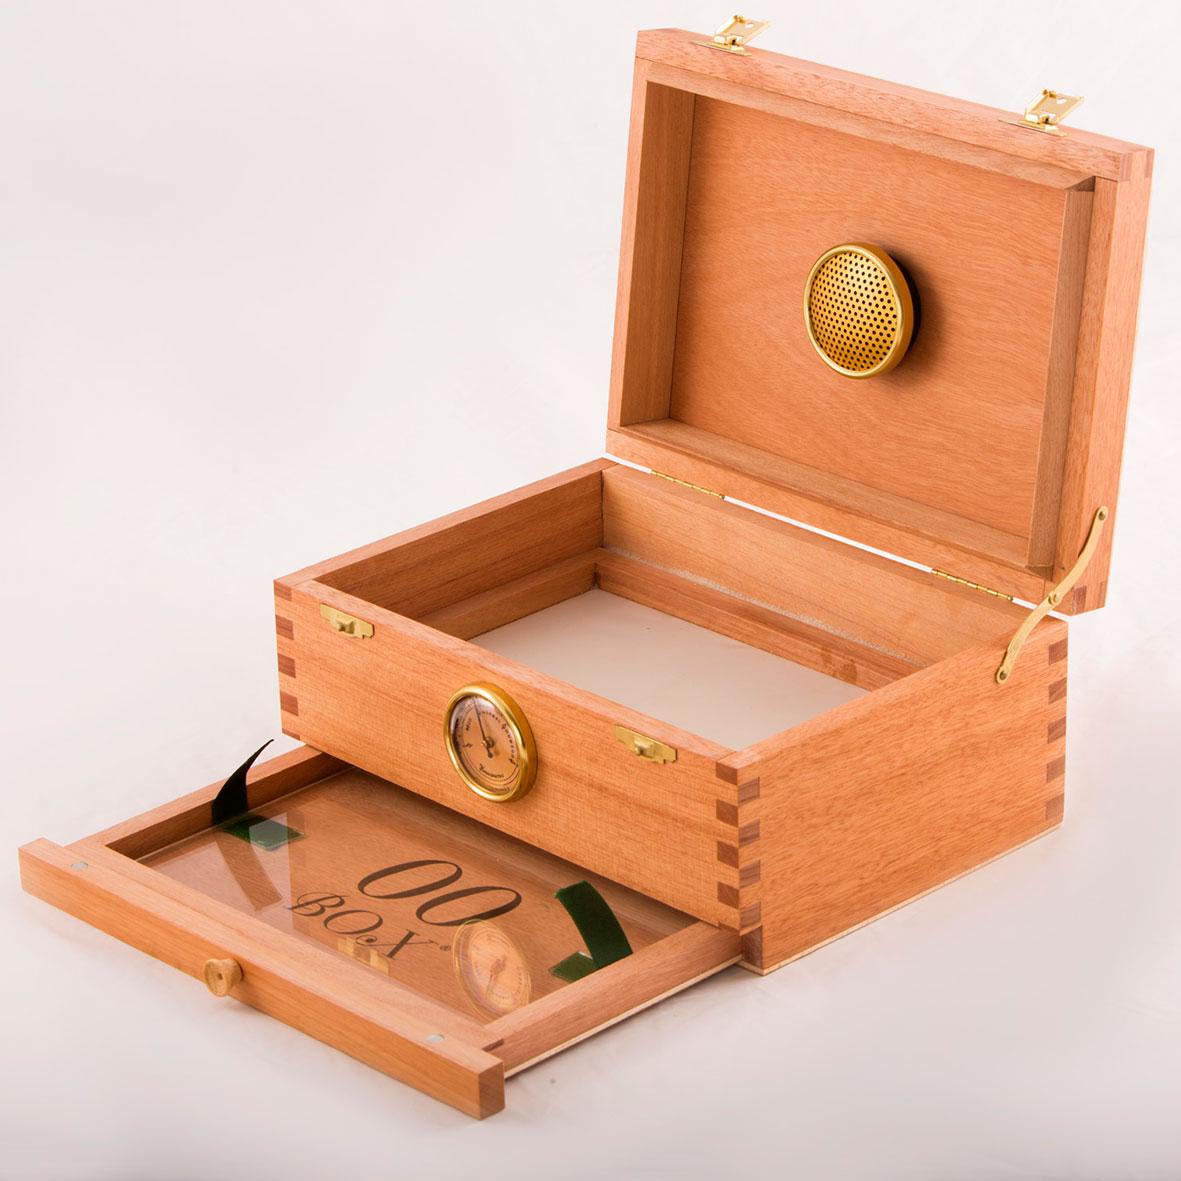 00box caja pequeña 03